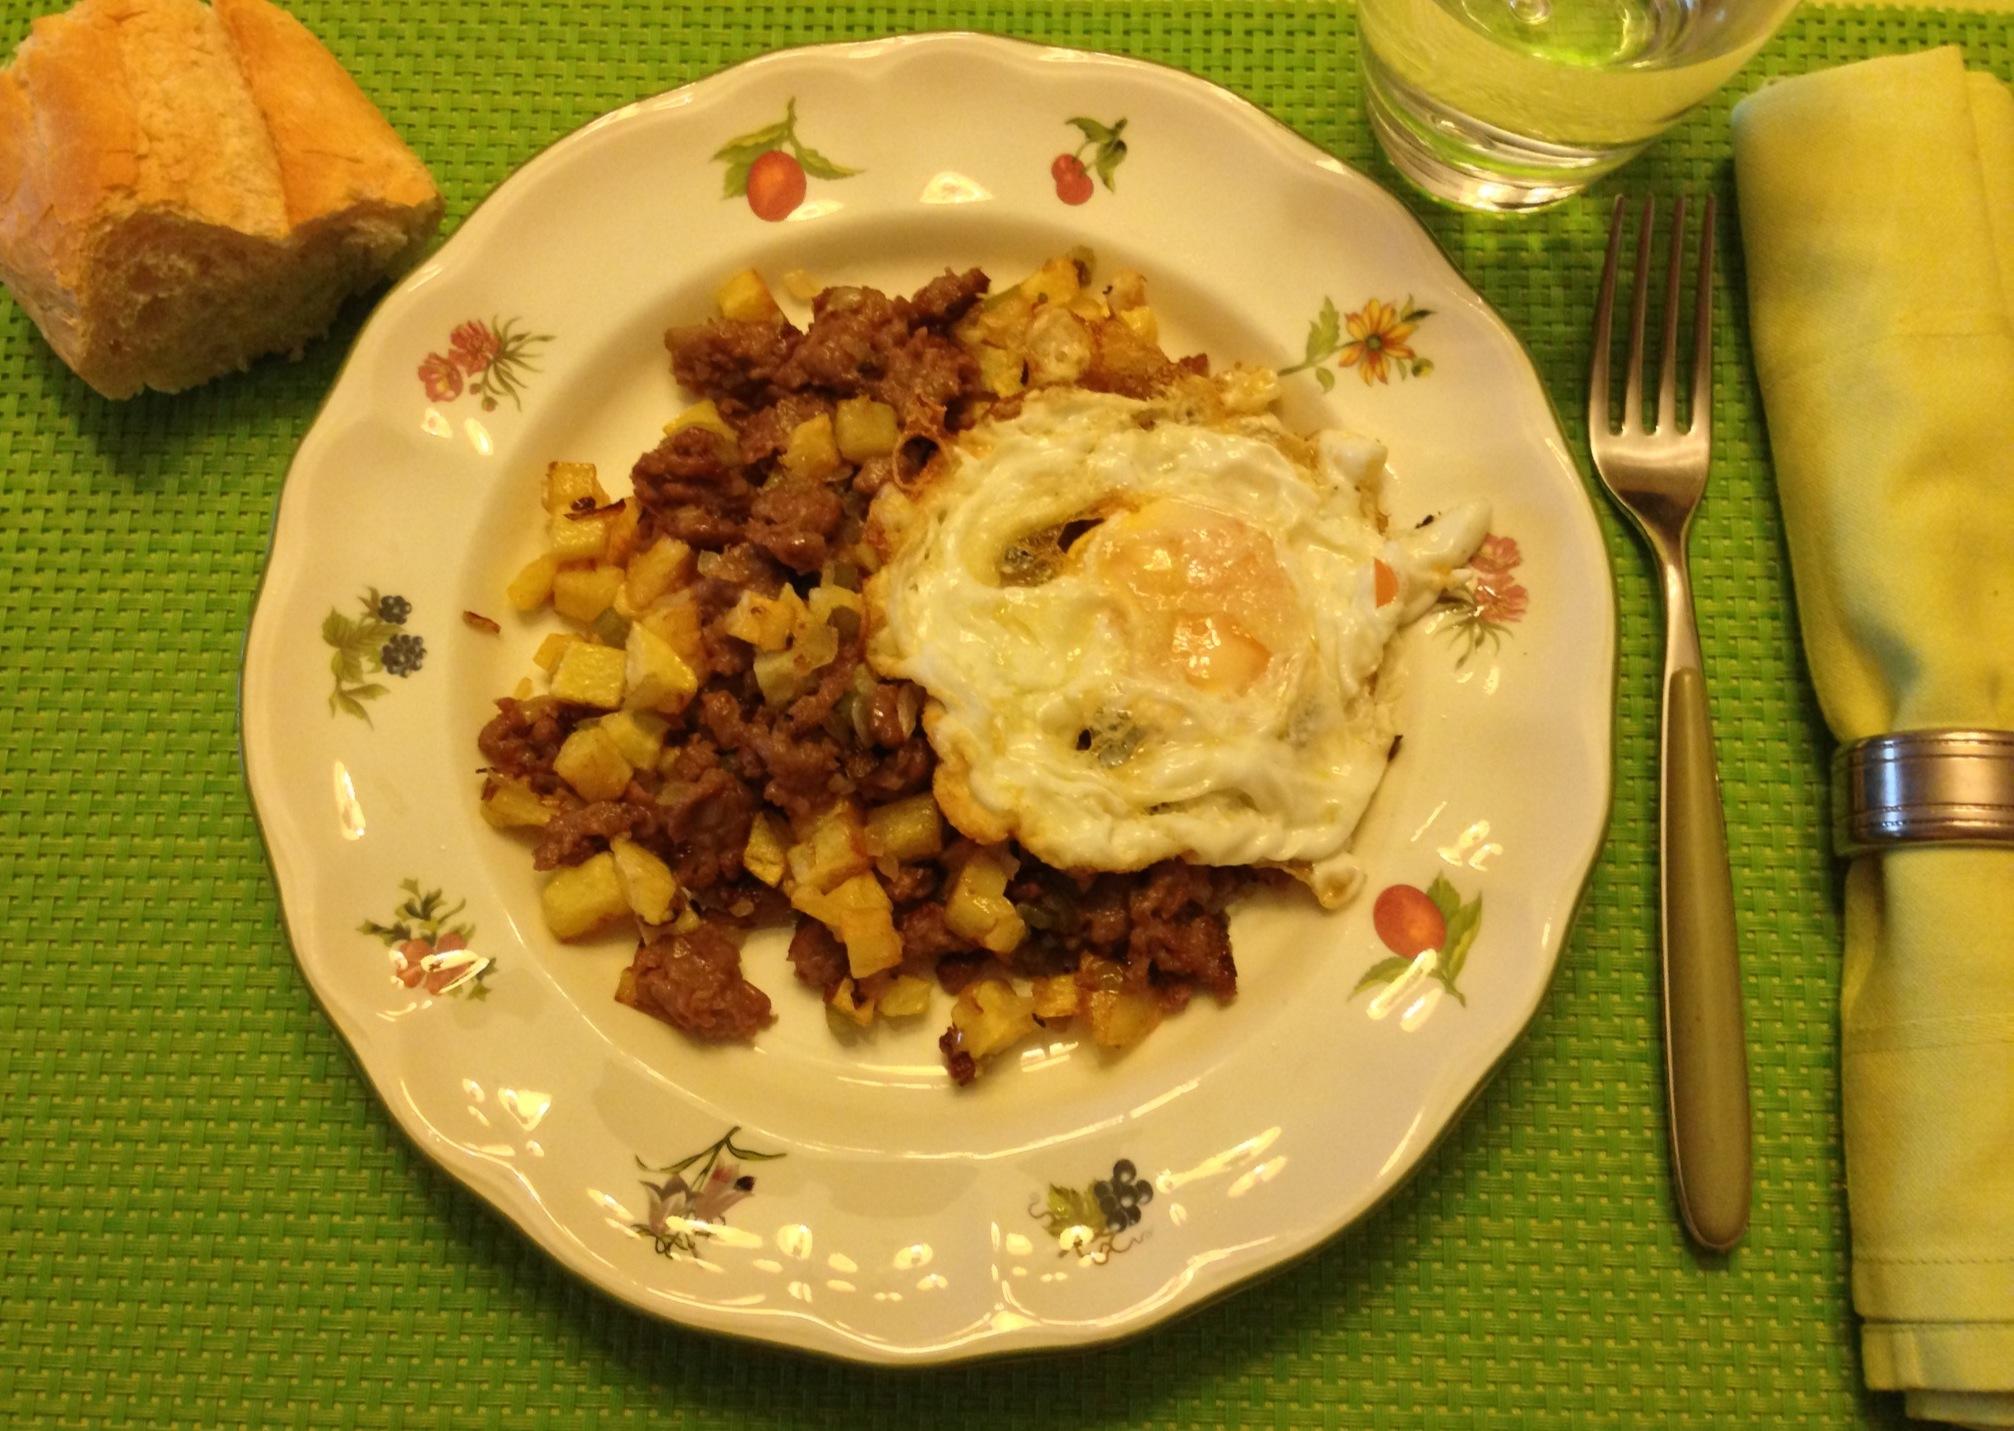 Carne picada con patatas y huevo frito principiantes entre fogones - Que cocinar con carne picada ...